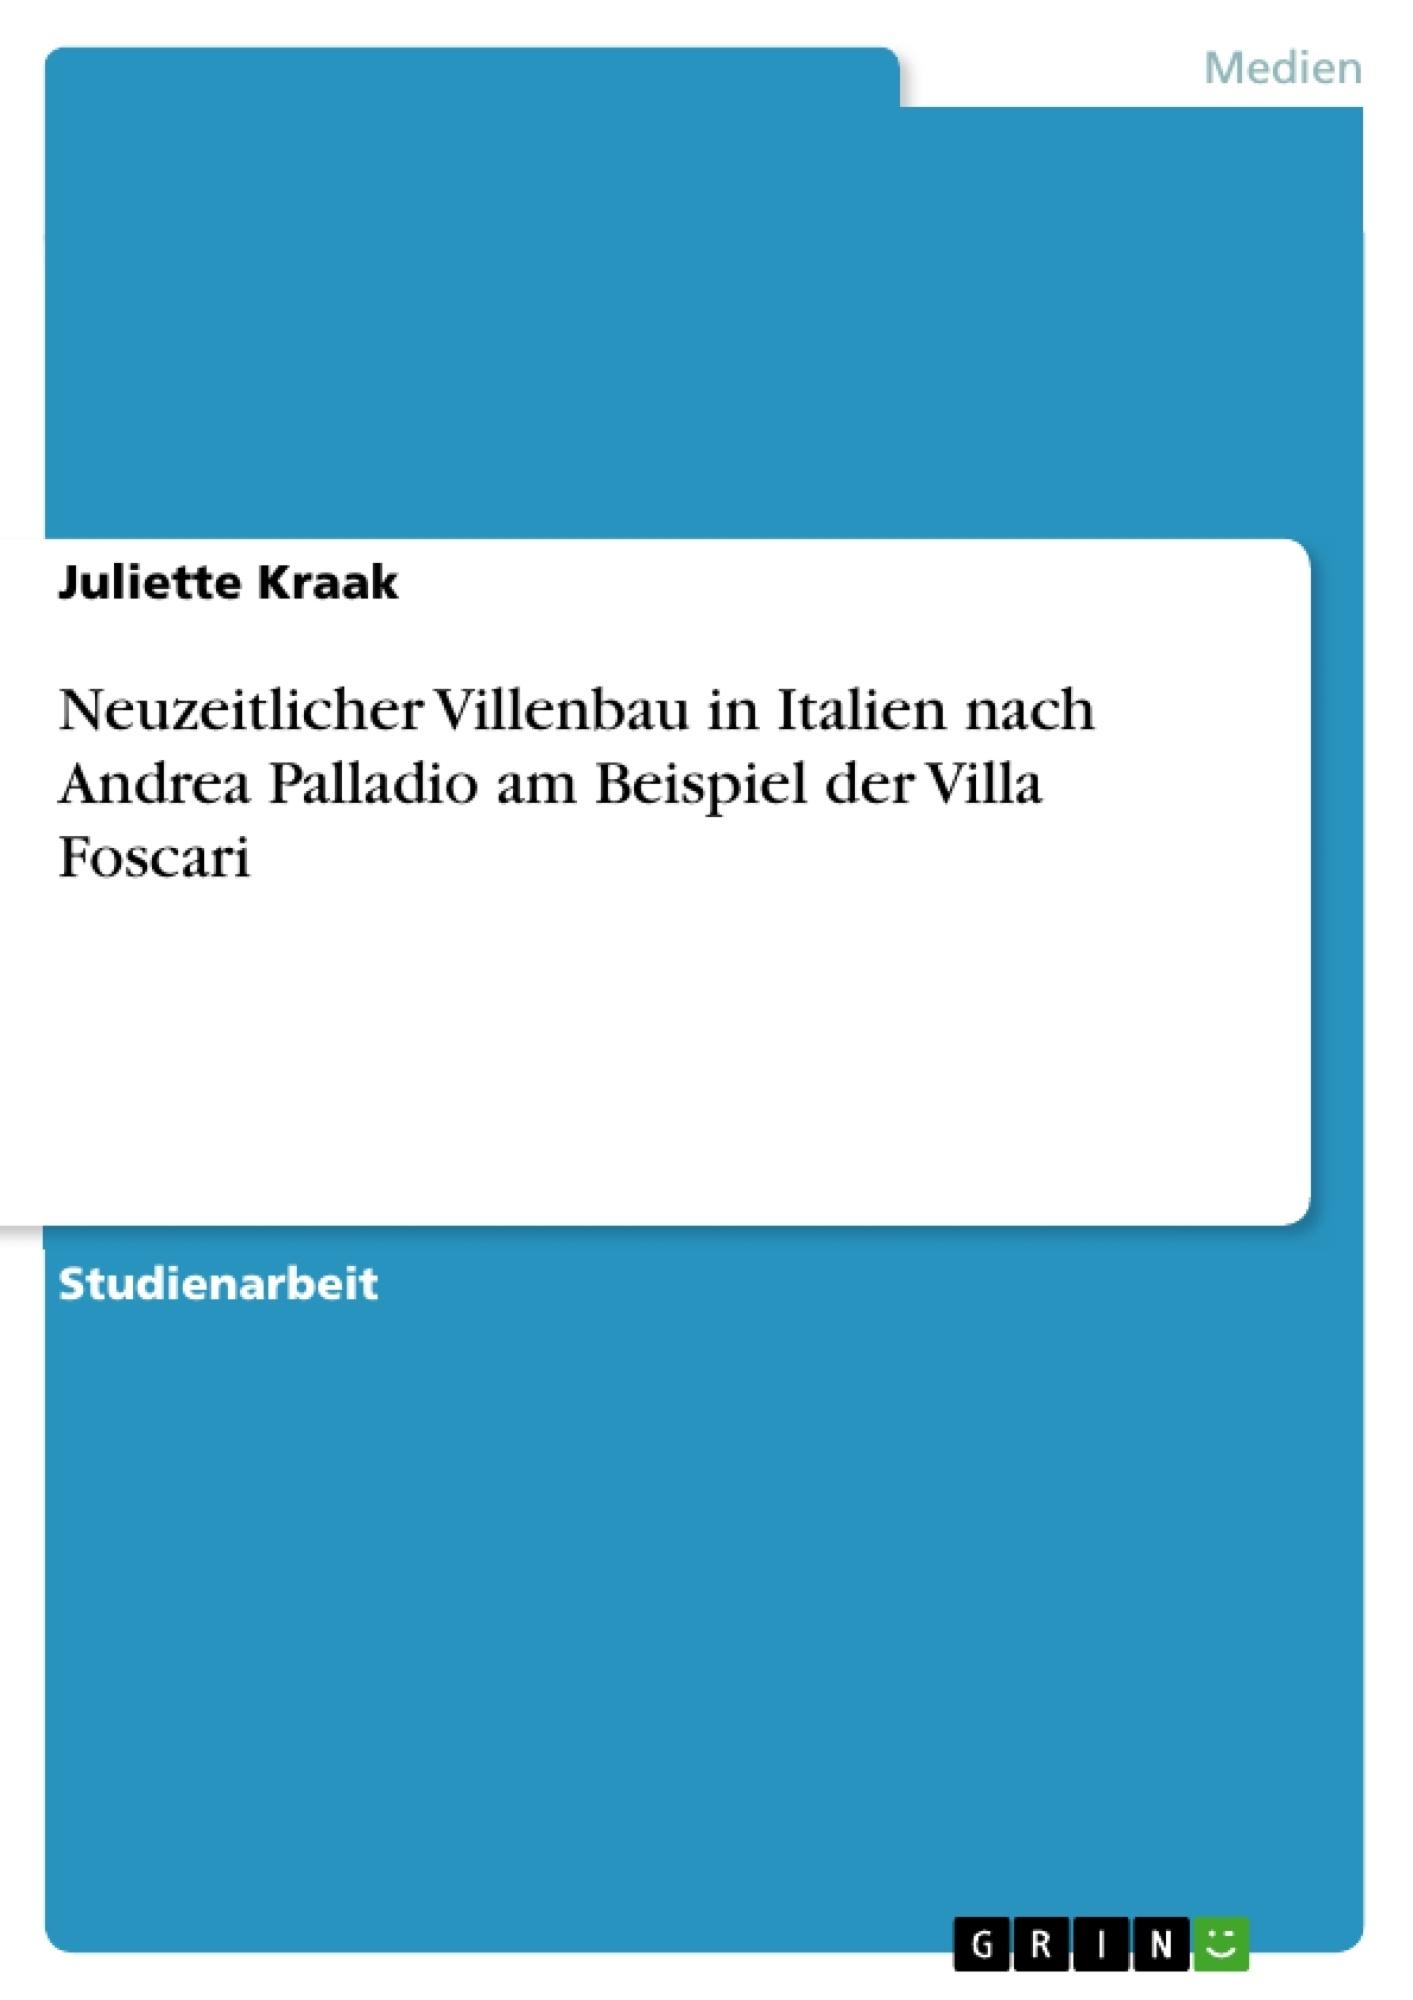 Titel: Neuzeitlicher Villenbau in Italien nach Andrea Palladio am Beispiel der Villa Foscari